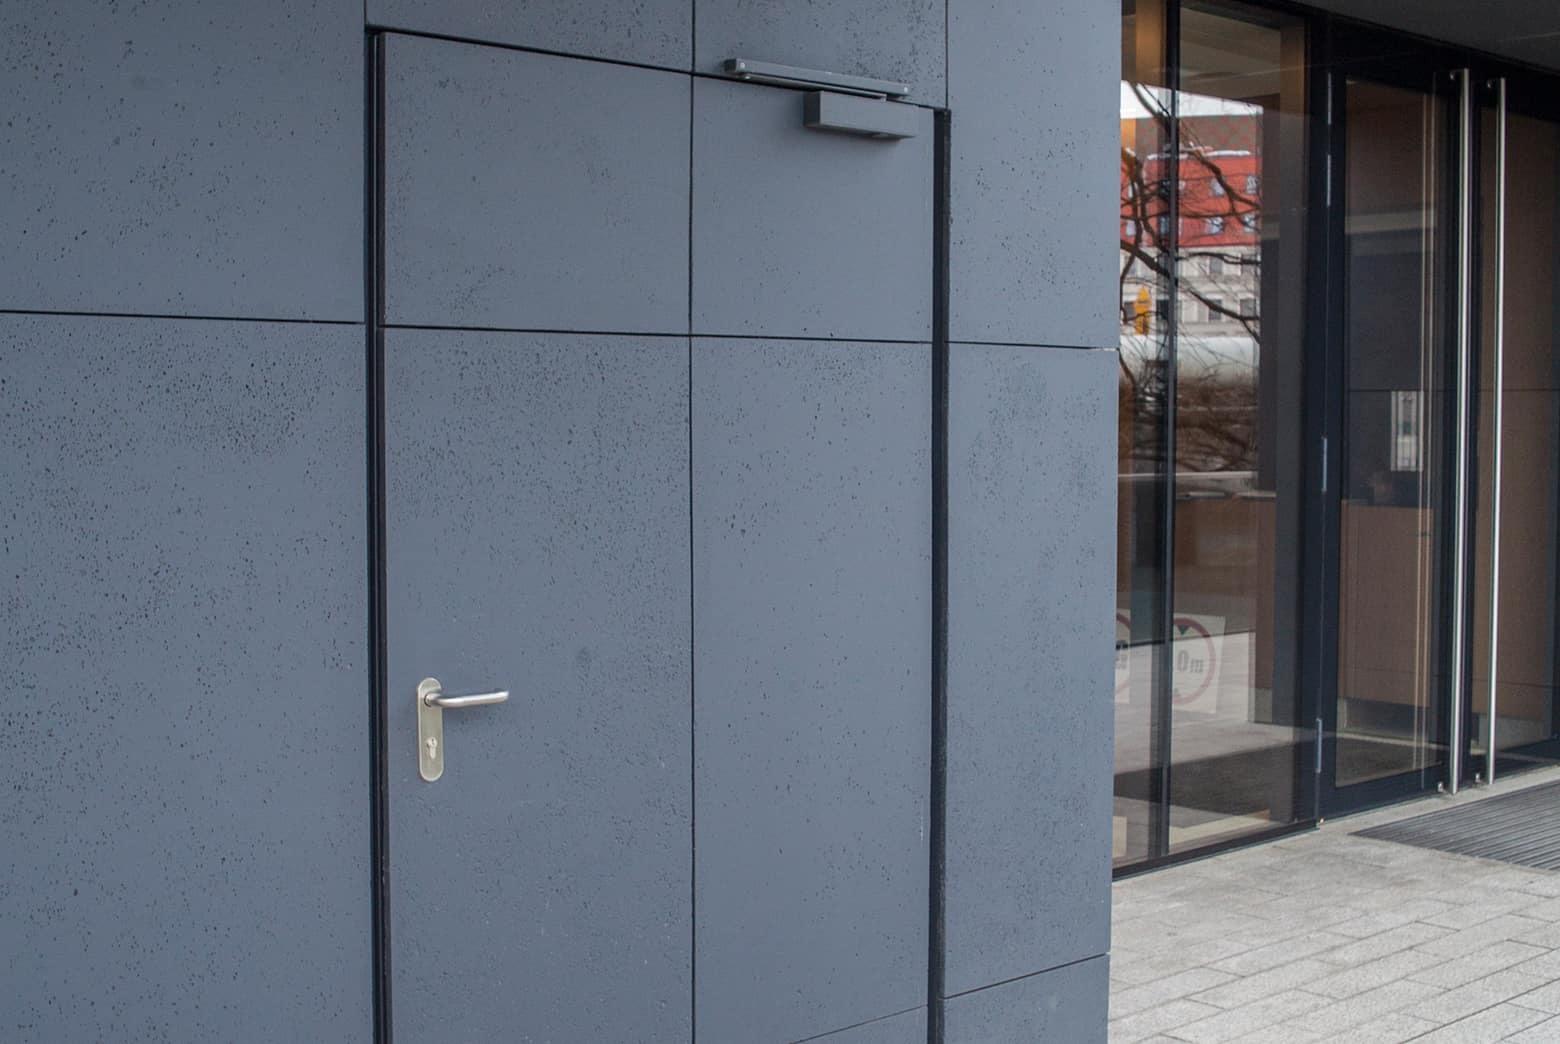 Betonowe płyty elewacyjne drzwi